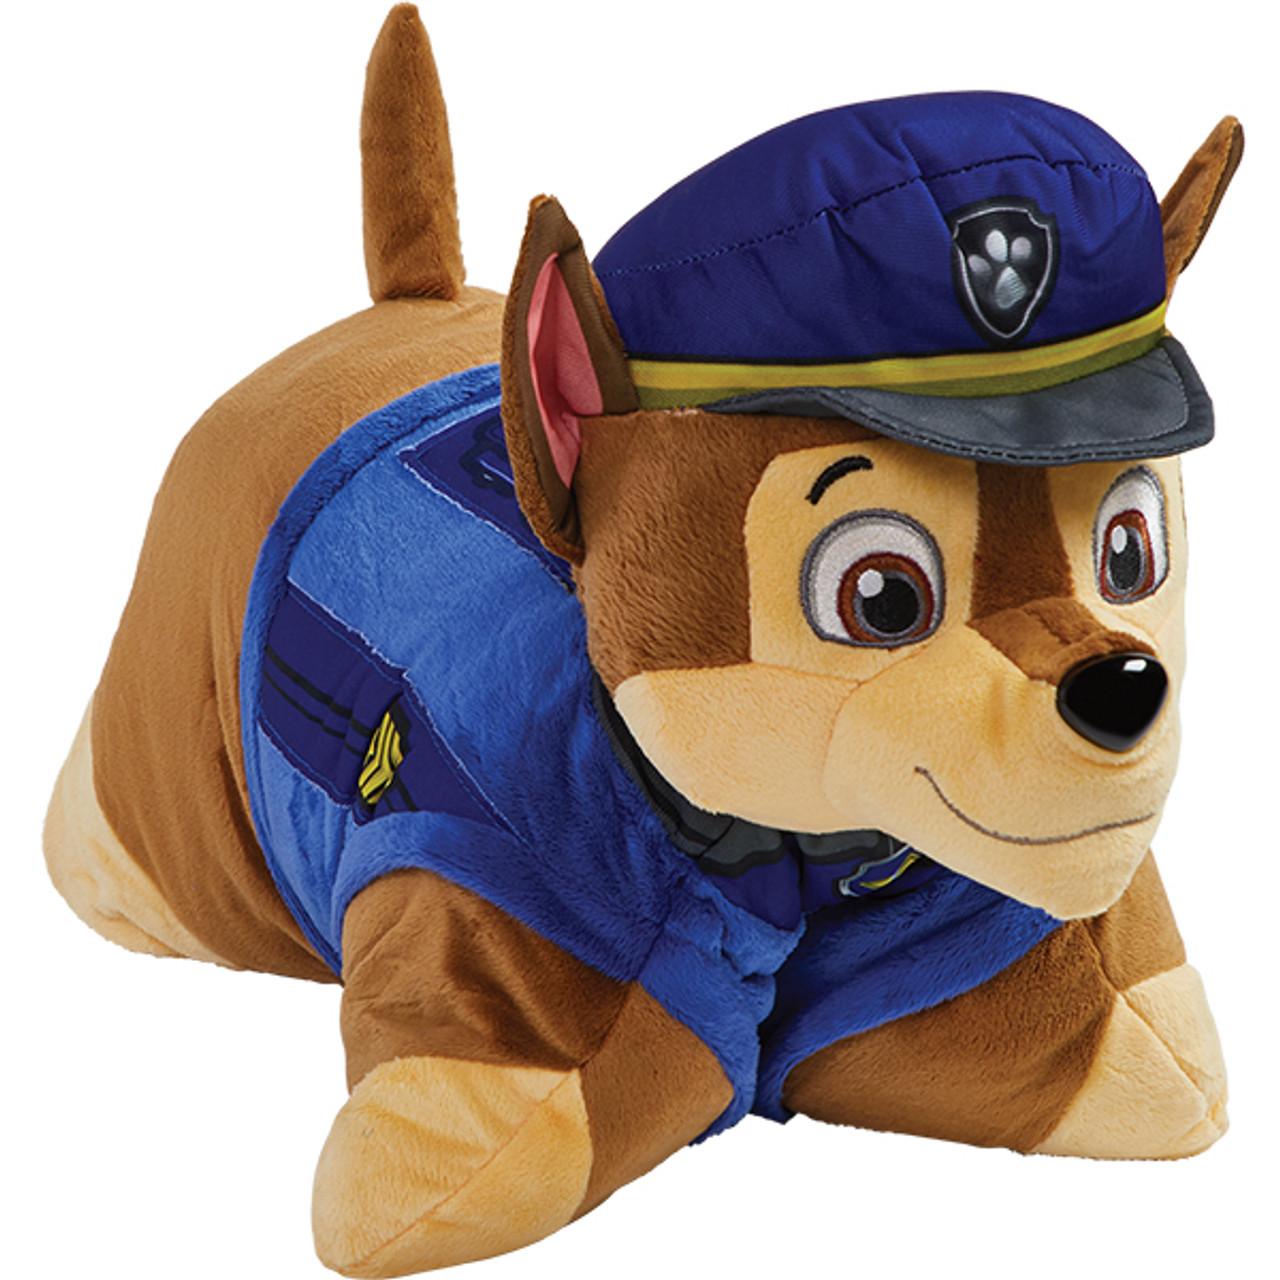 nickelodeon paw patrol chase pillow pet